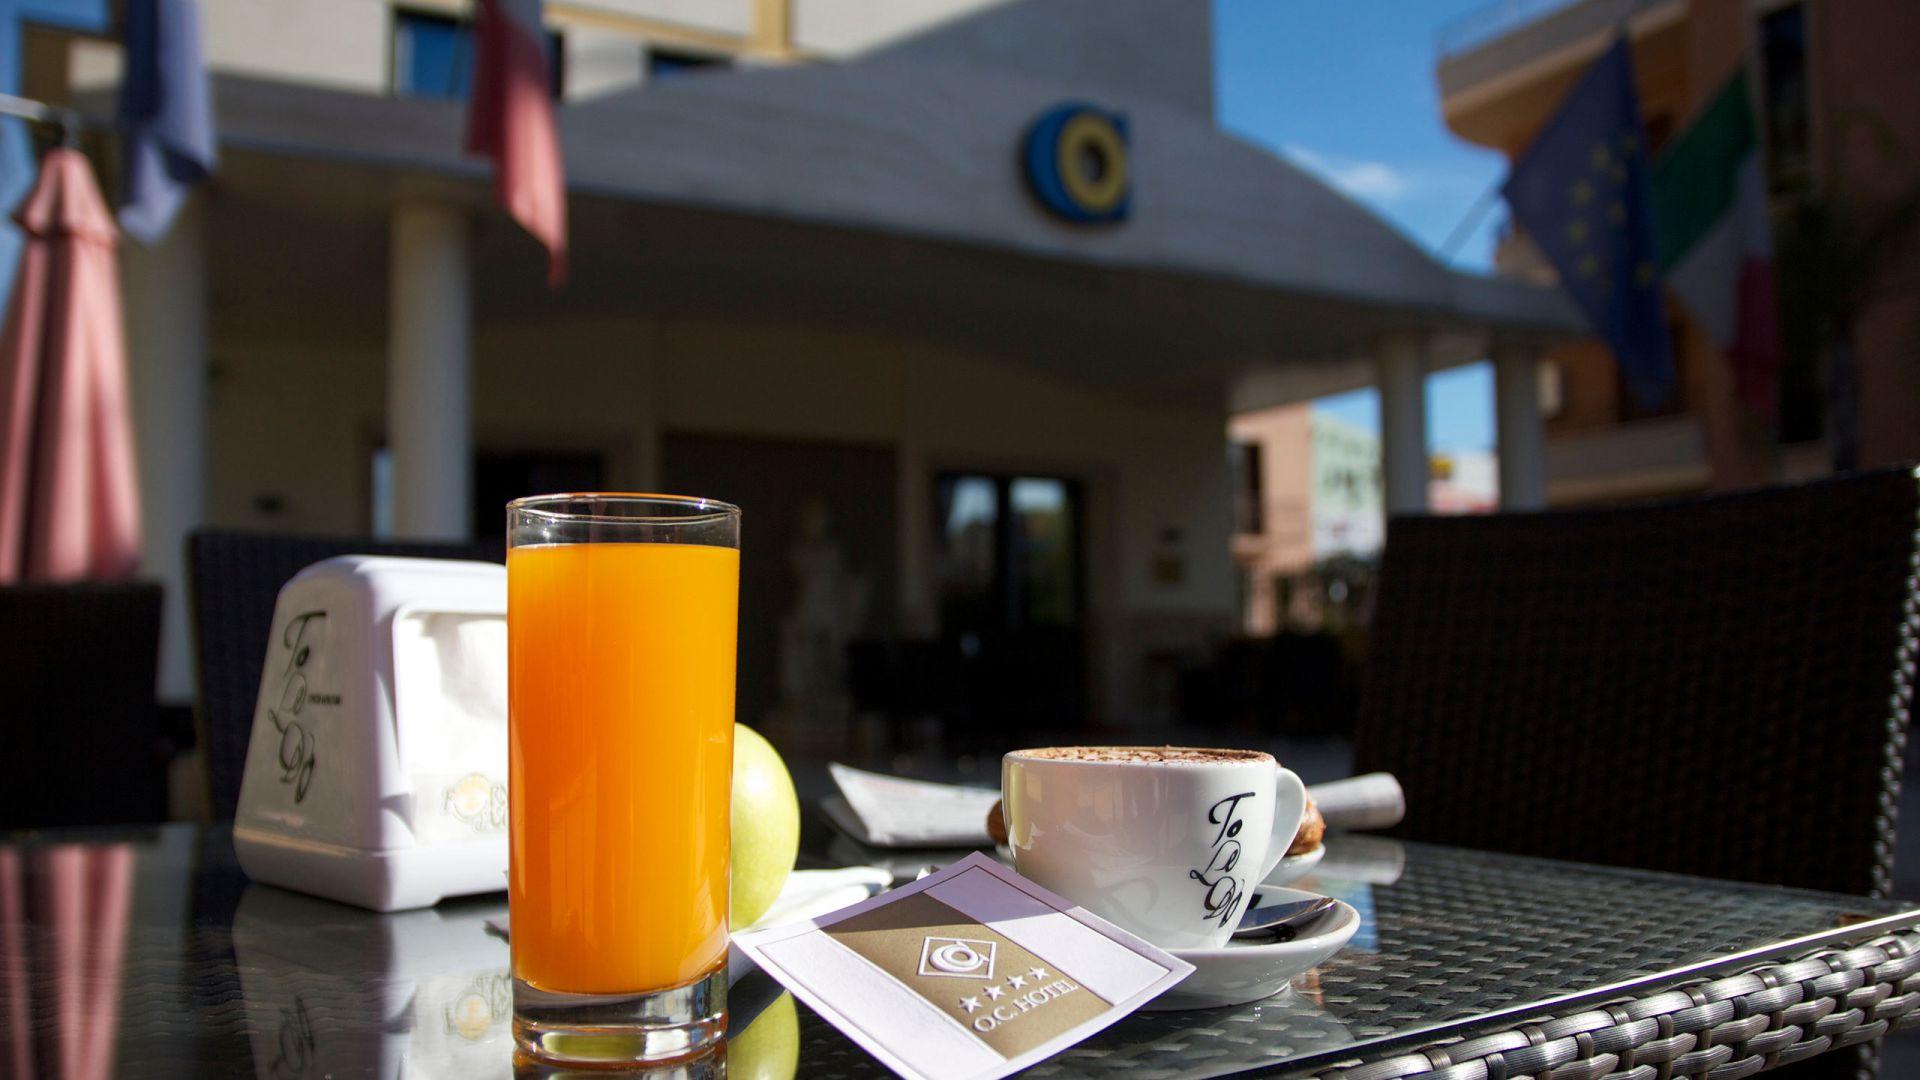 oc-hotel-villa-adriana-esterni-006